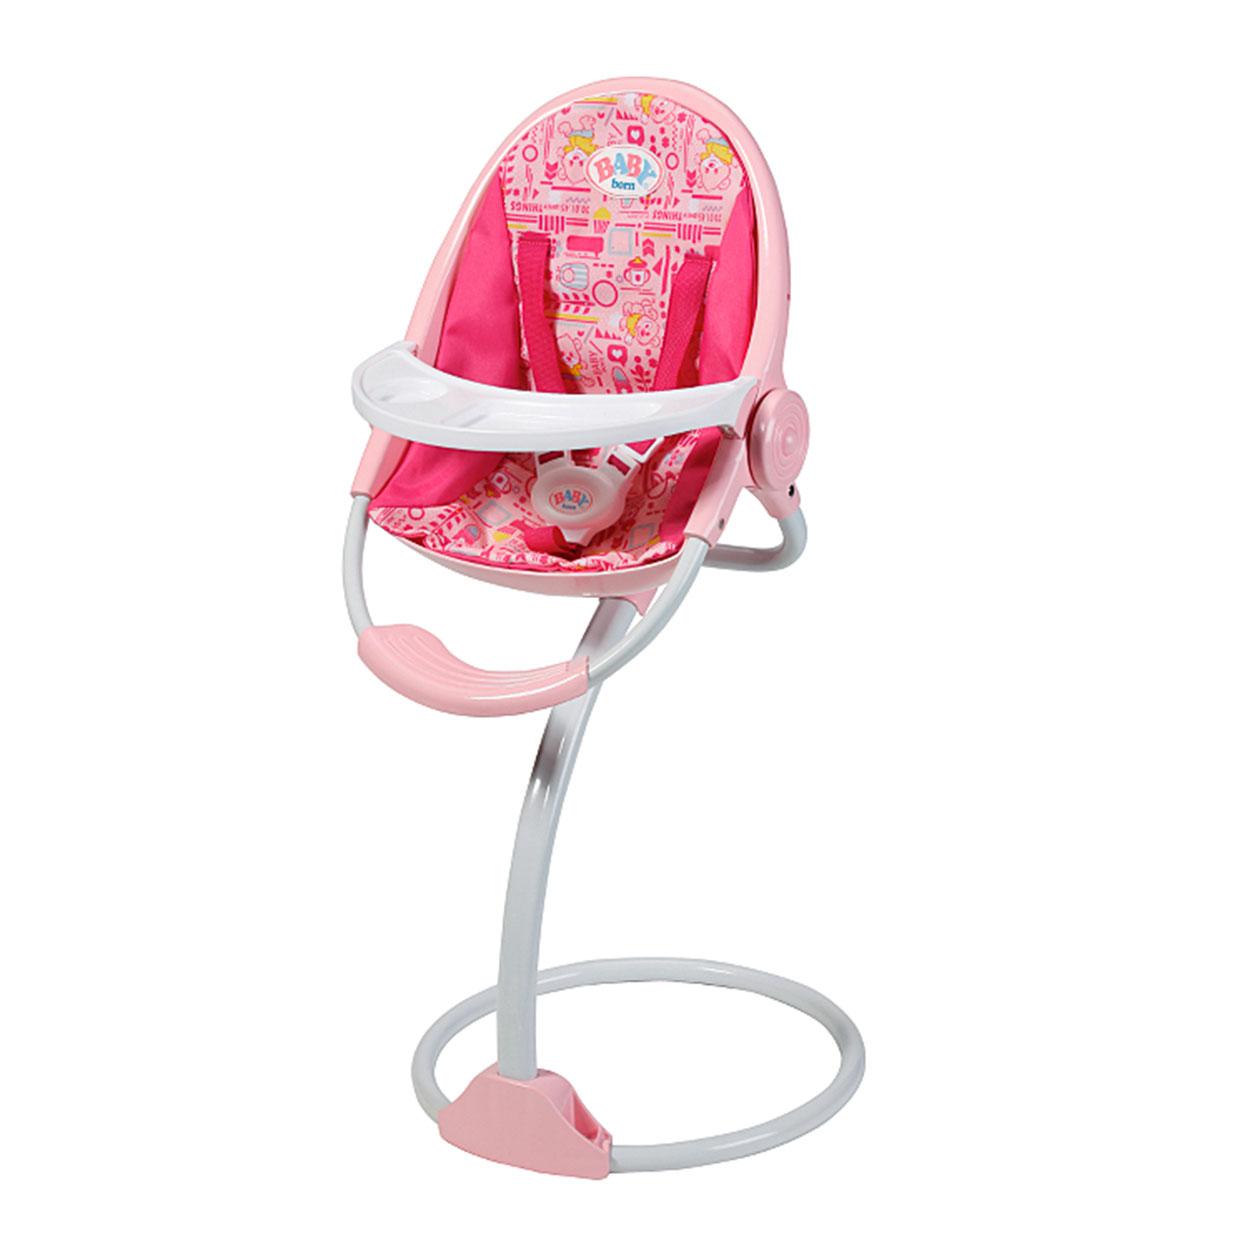 Kinderstoel Baby 0 Maanden.Baby Born Kinderstoel Online Kopen Lobbes Nl